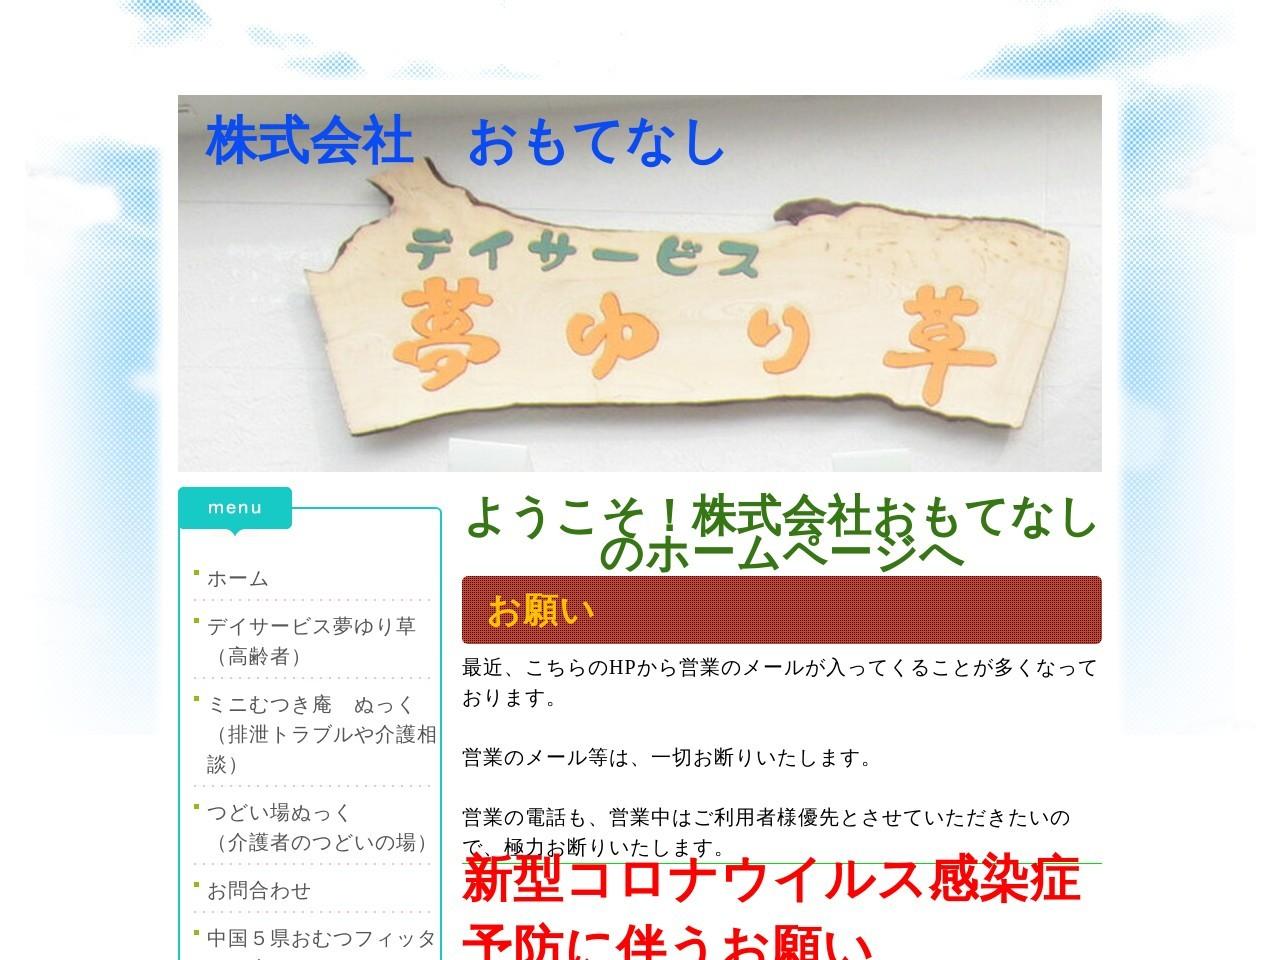 デイサービス夢ゆり草 ~株式会社おもてなし~ - 岡山県総社市で、共生型デイサービスを作るぞー!